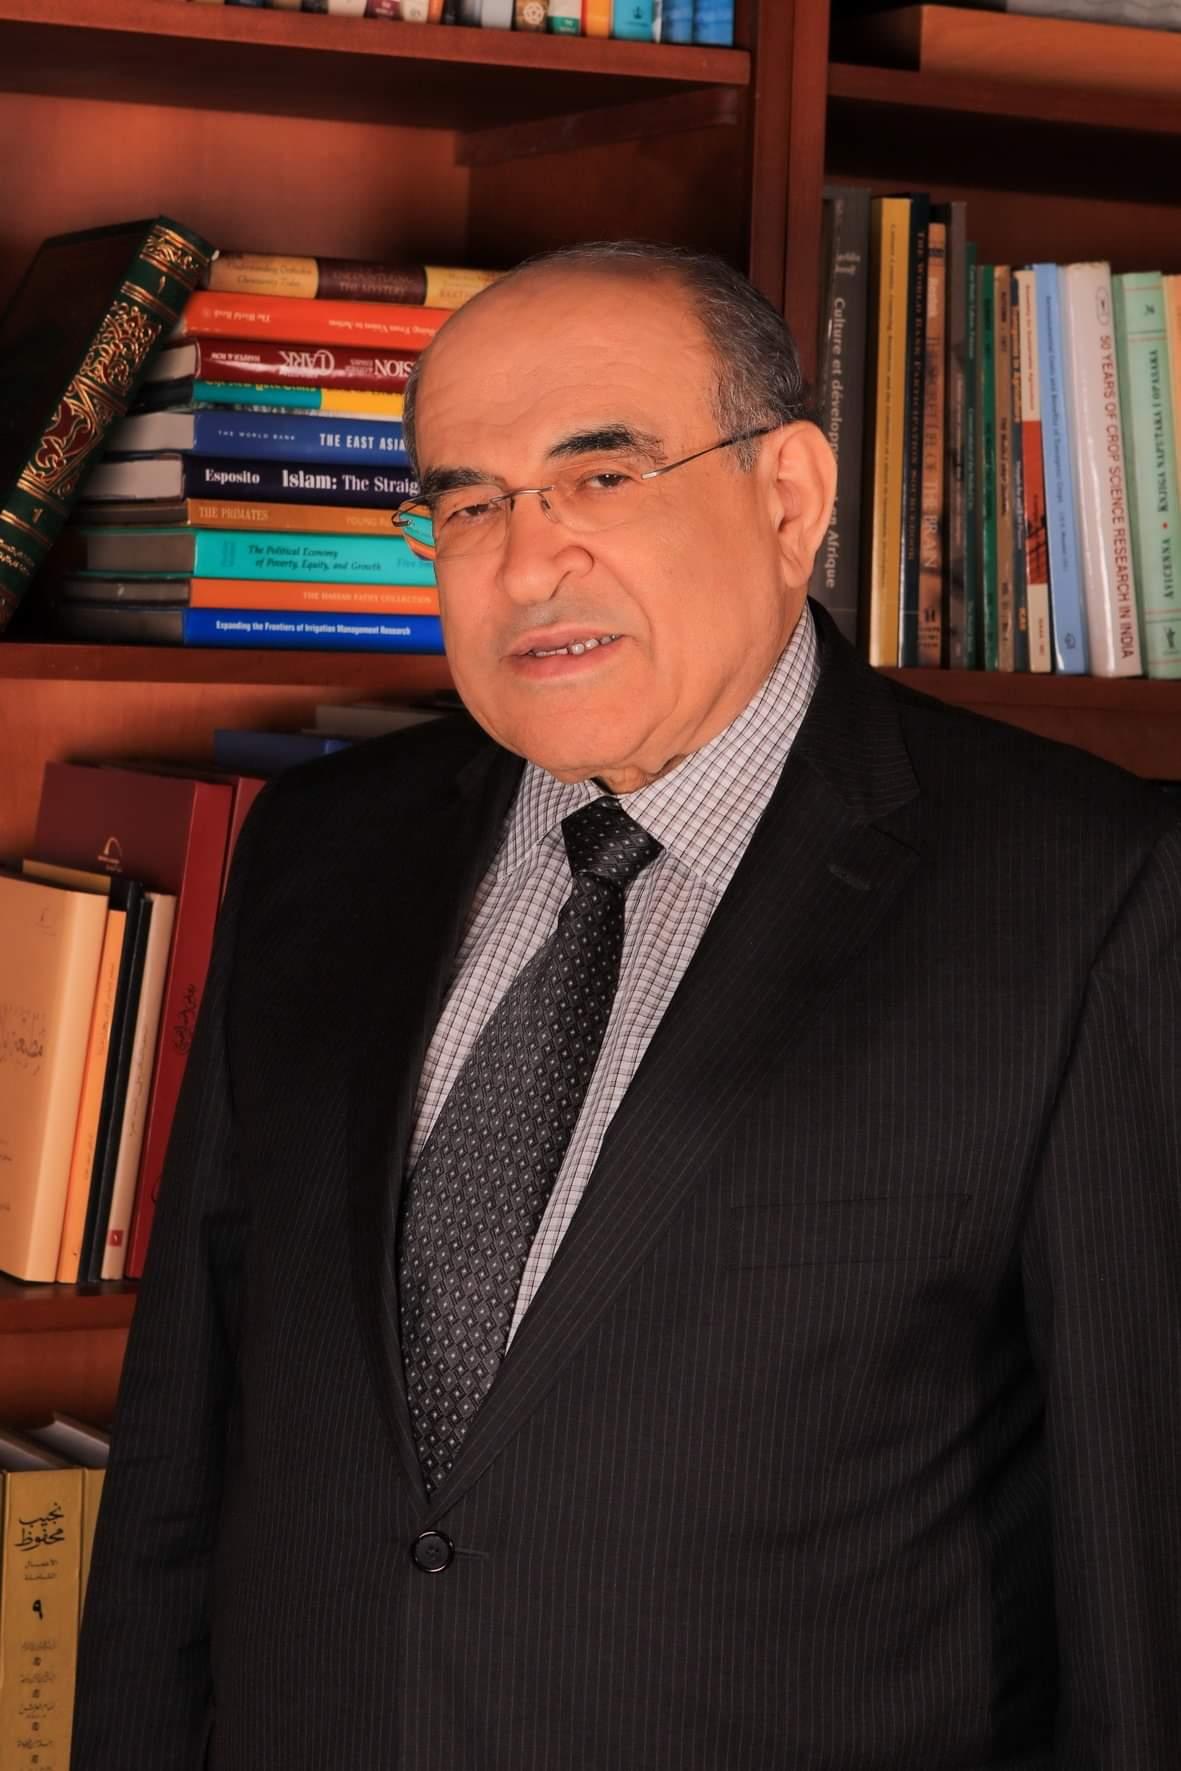 مصطفي الفقي مدير مكتبة الإسكندرية